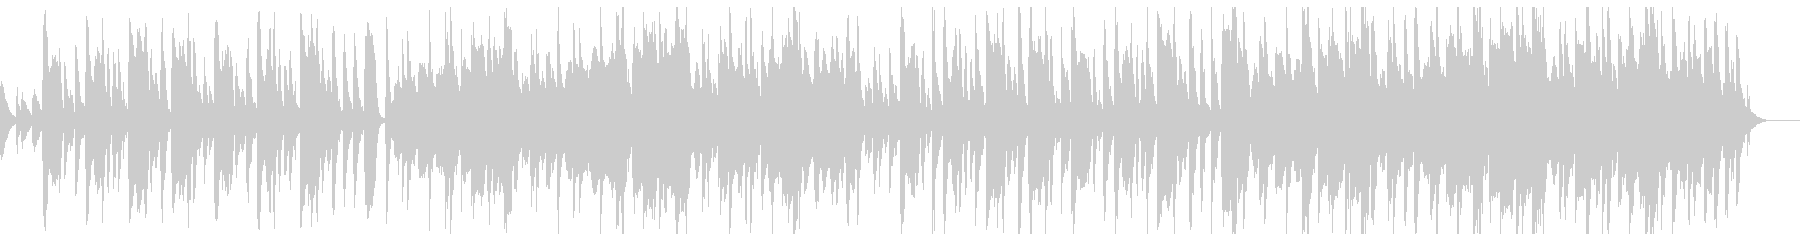 木琴とオーケストラのほのぼのポップスの未再生の波形